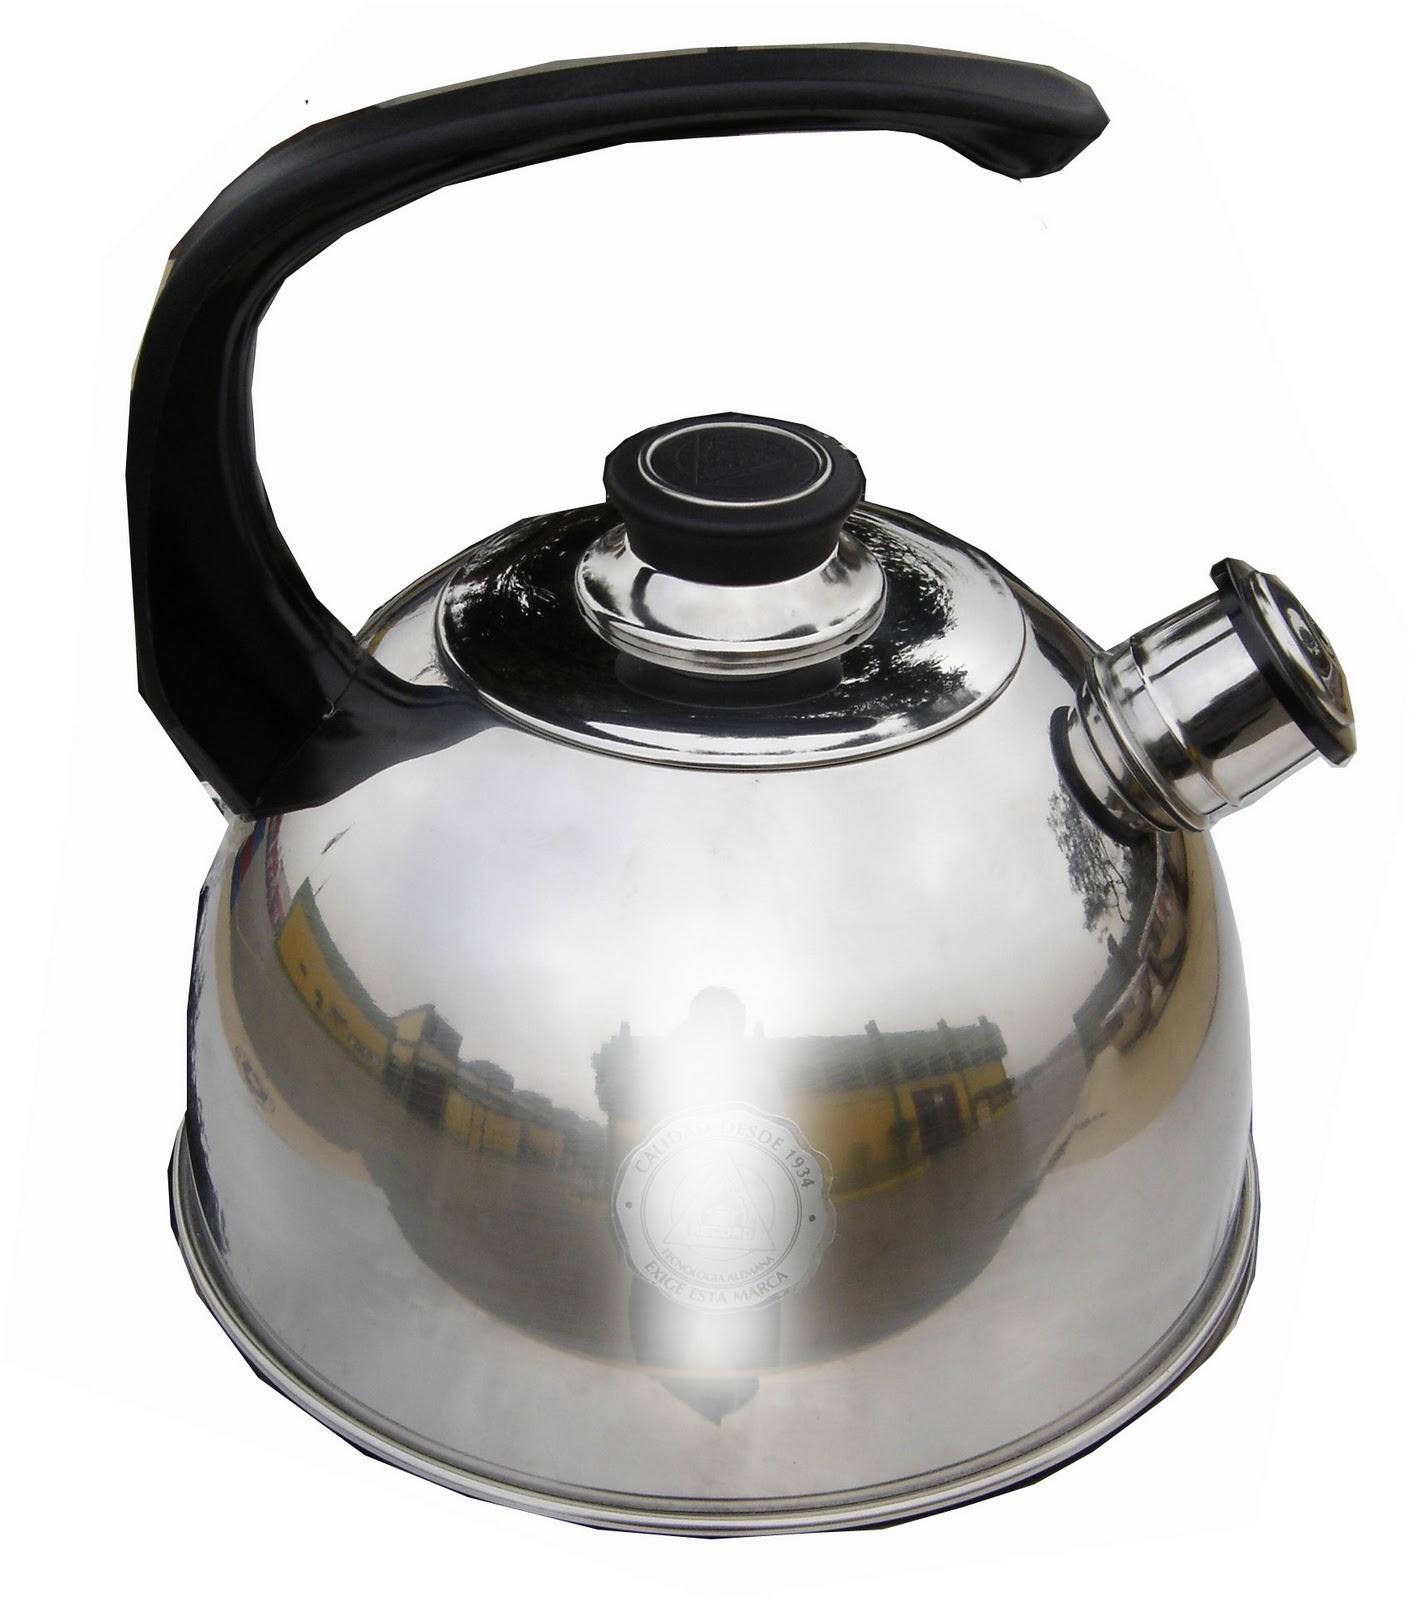 Todo sobre utensilios para cocina y lavaderos caliche y for Utensilios de cocina de aluminio